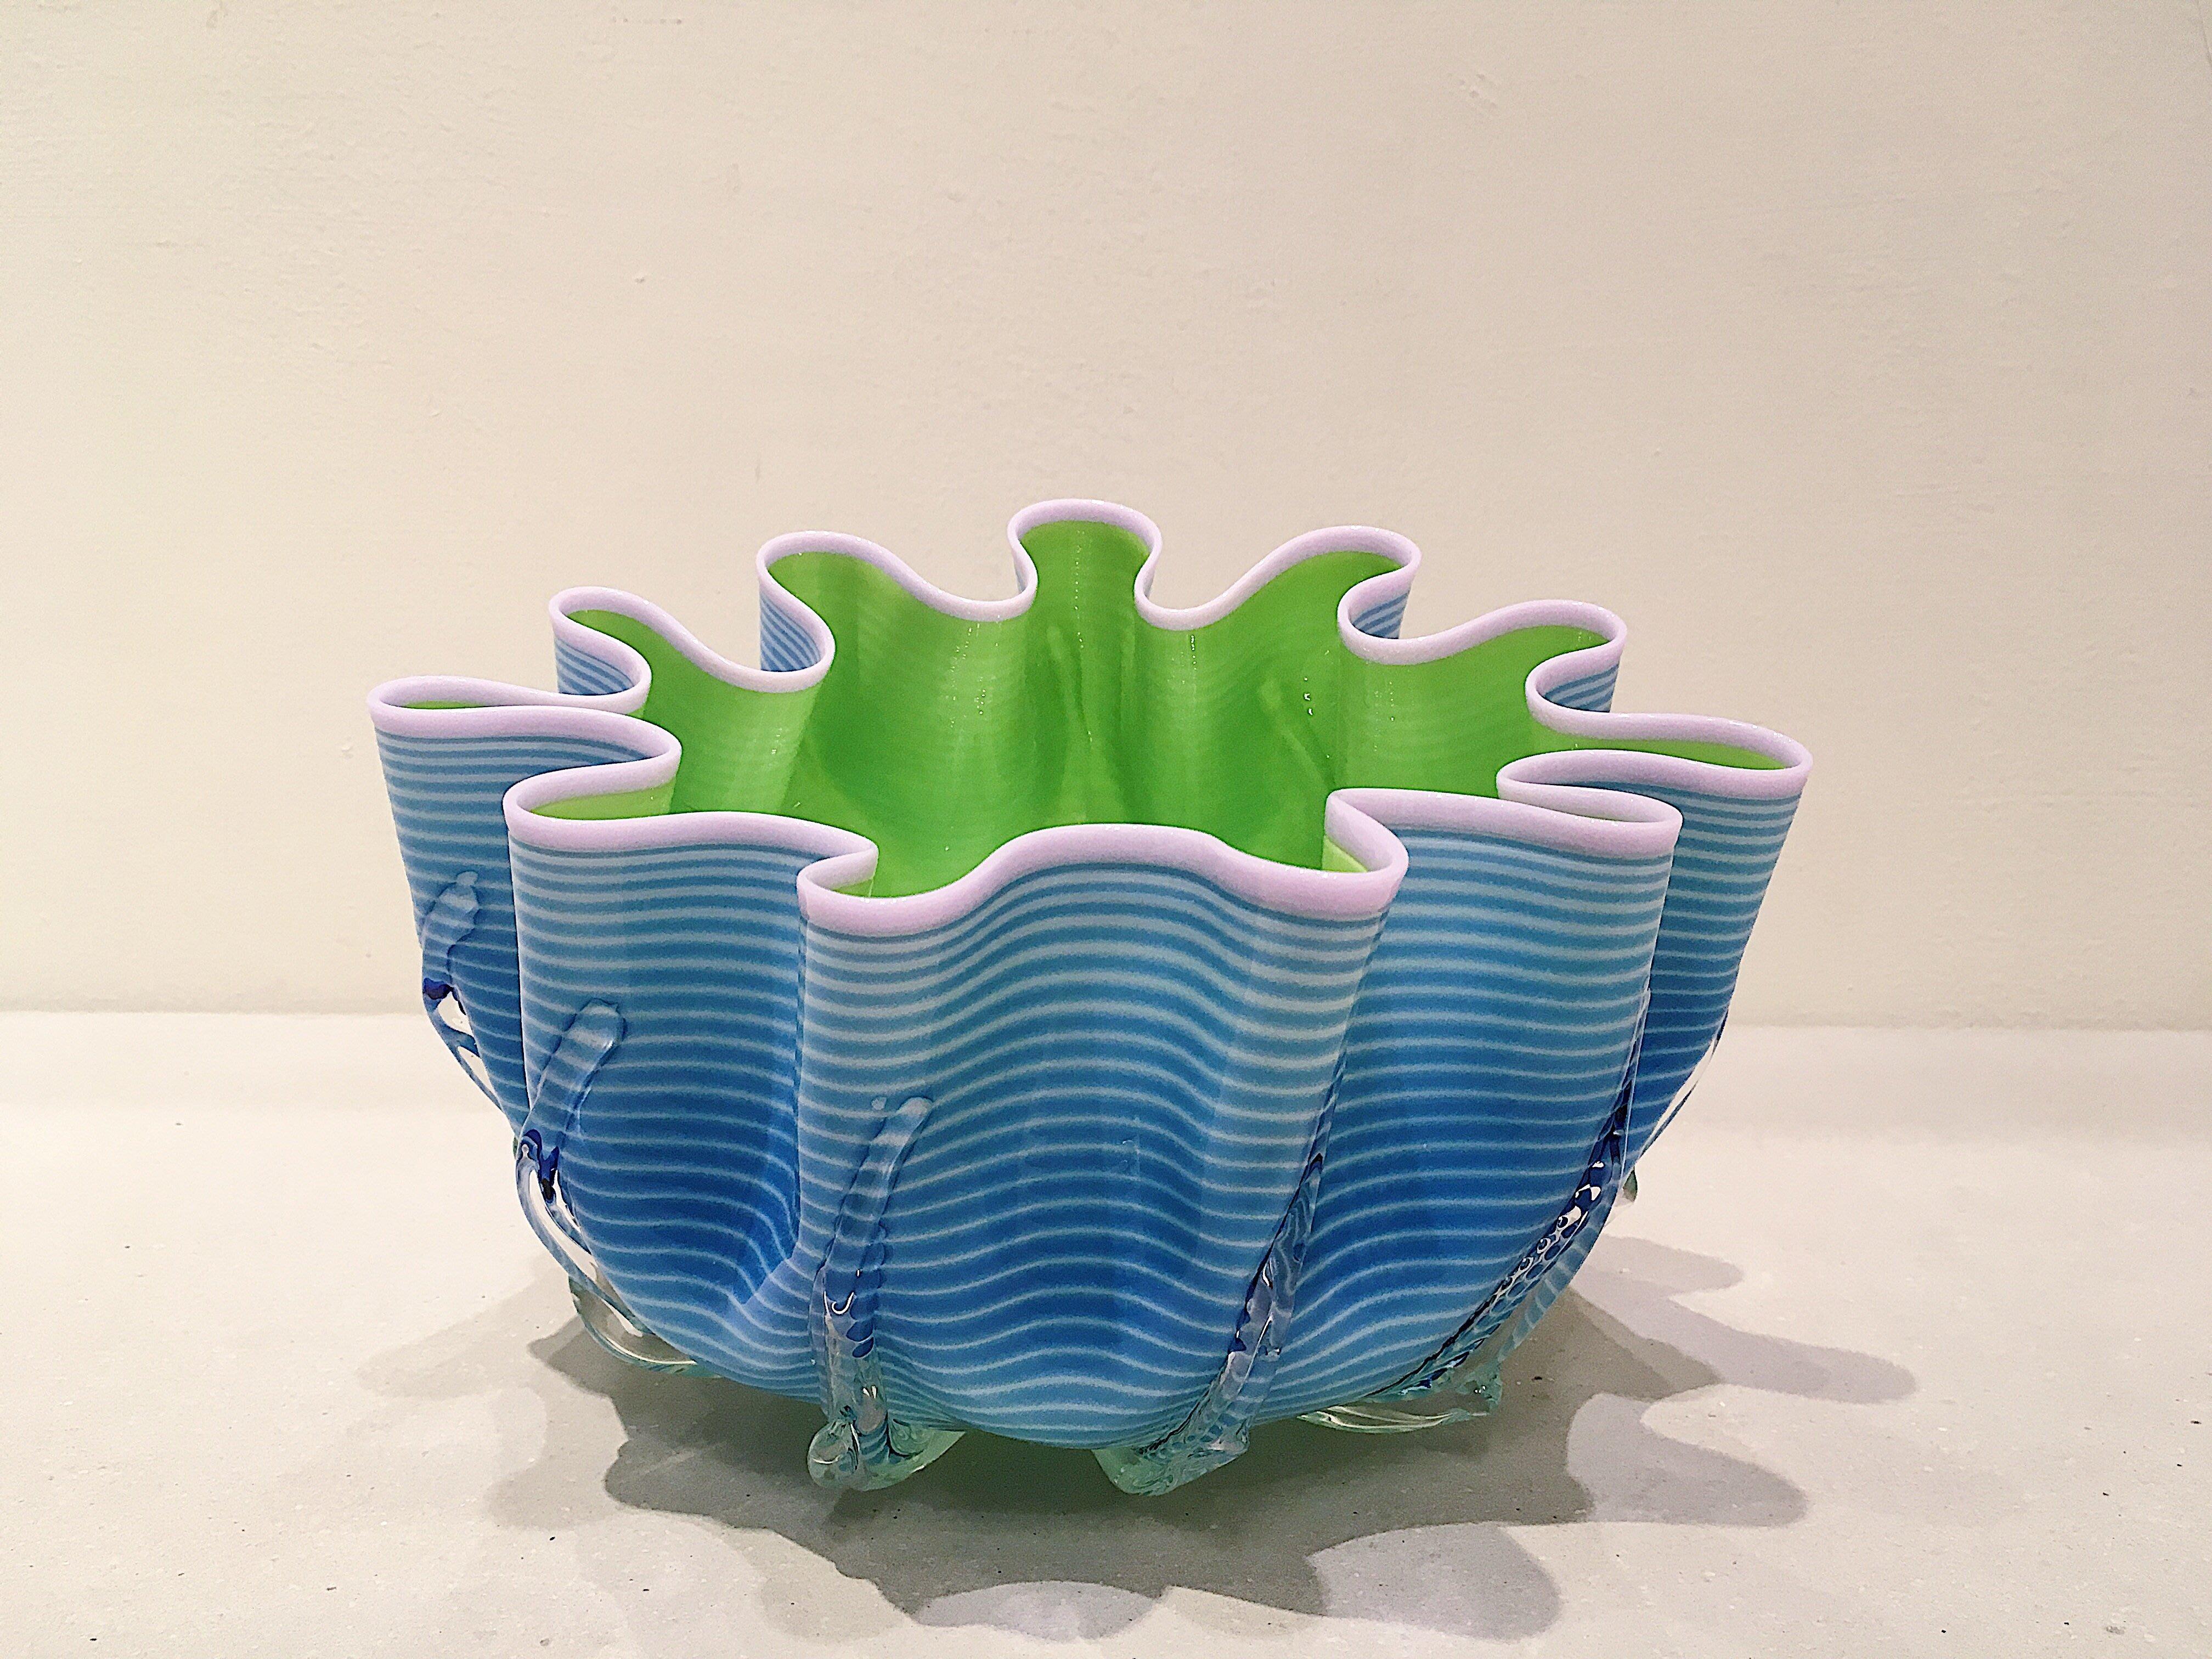 琉璃 藝術品 文創 藝術 器皿 花瓶 花器 玻璃